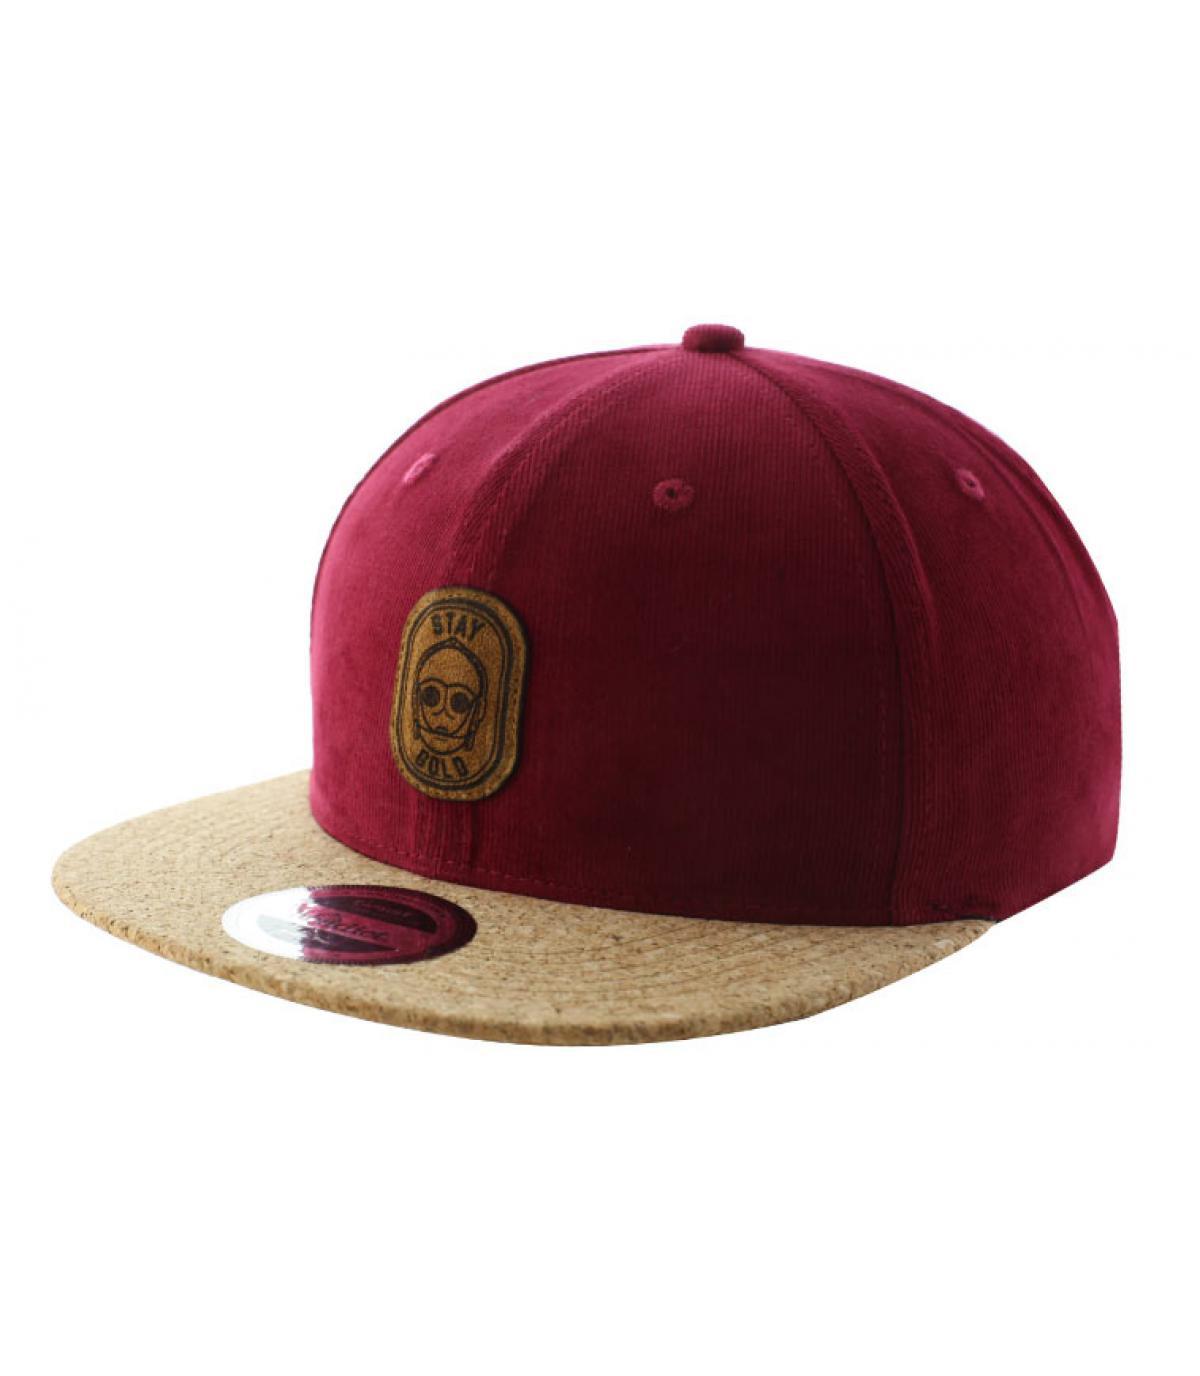 Details Snapback Stay Gold burgundy cork - afbeeling 2